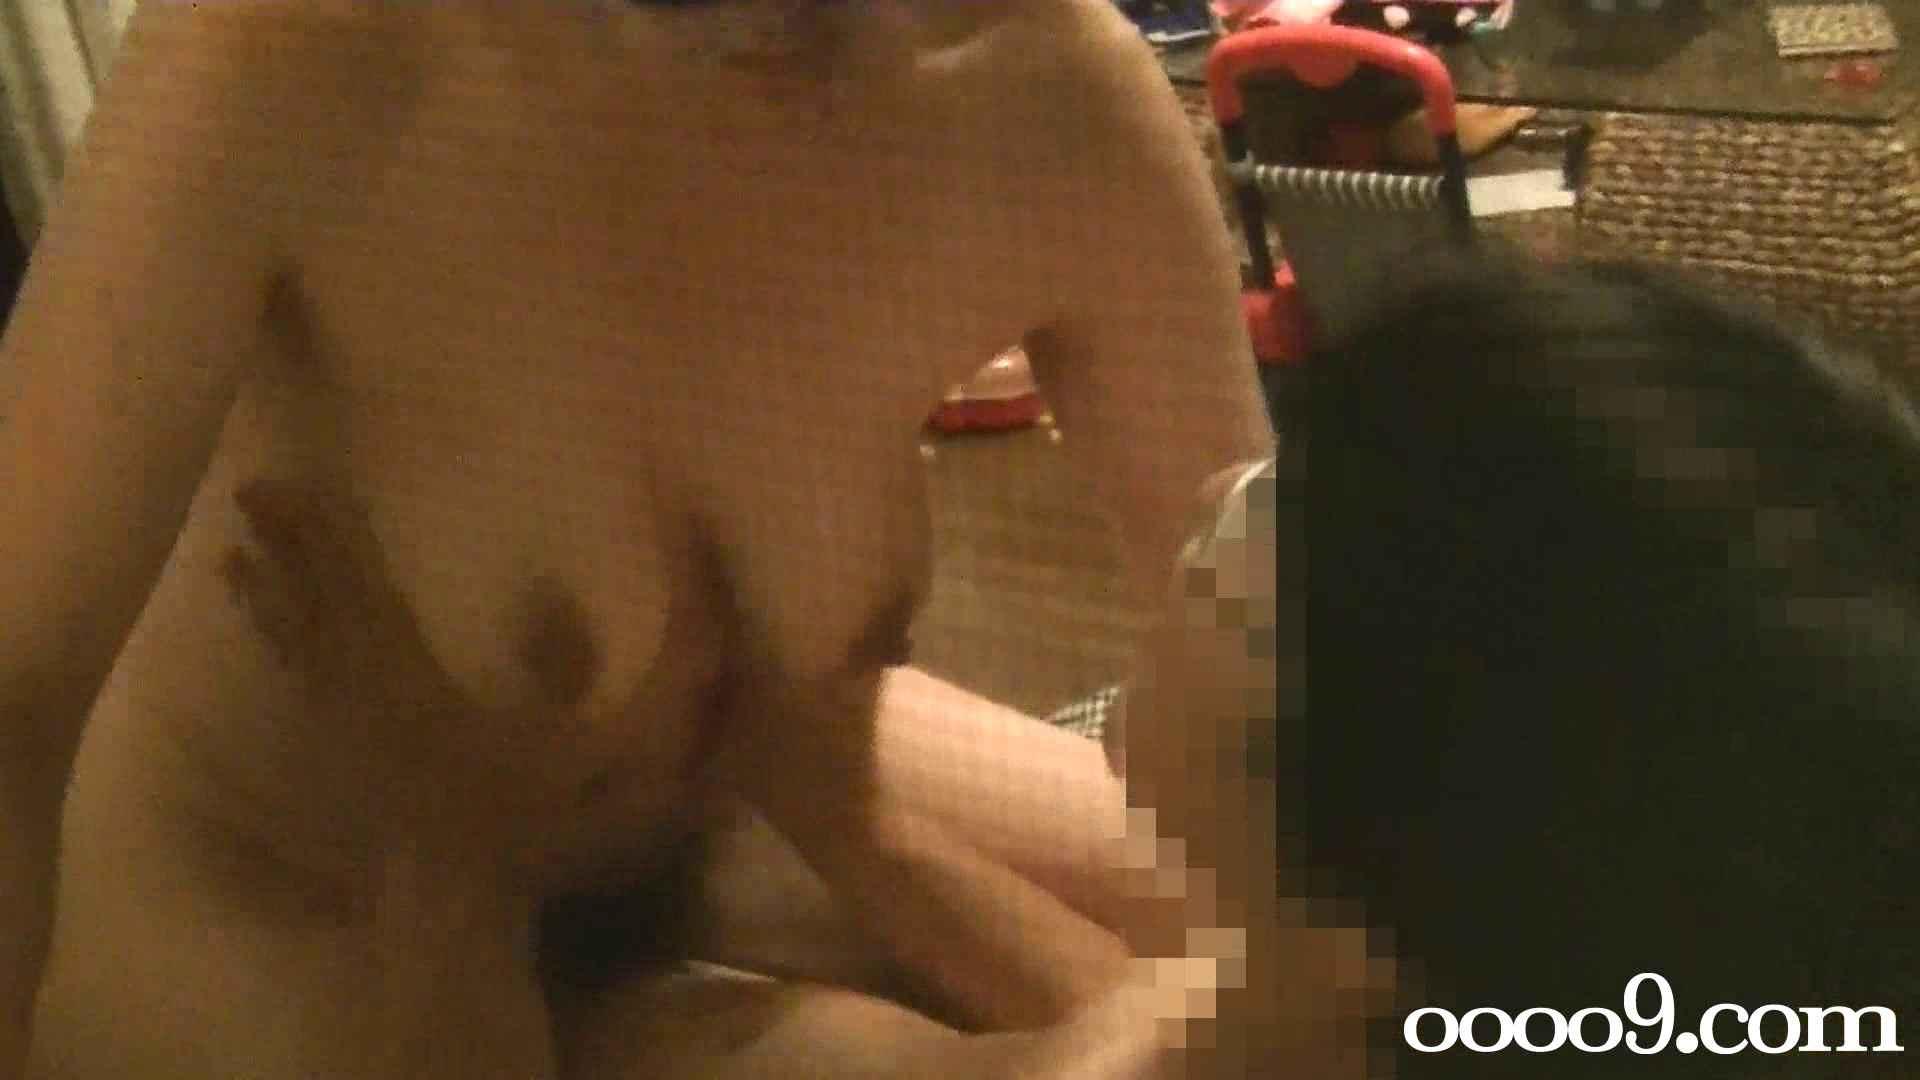 今度はHDだよ!ハメ撮りFカップみかちゃん vol.01 ギャルのおっぱい すけべAV動画紹介 108連発 74